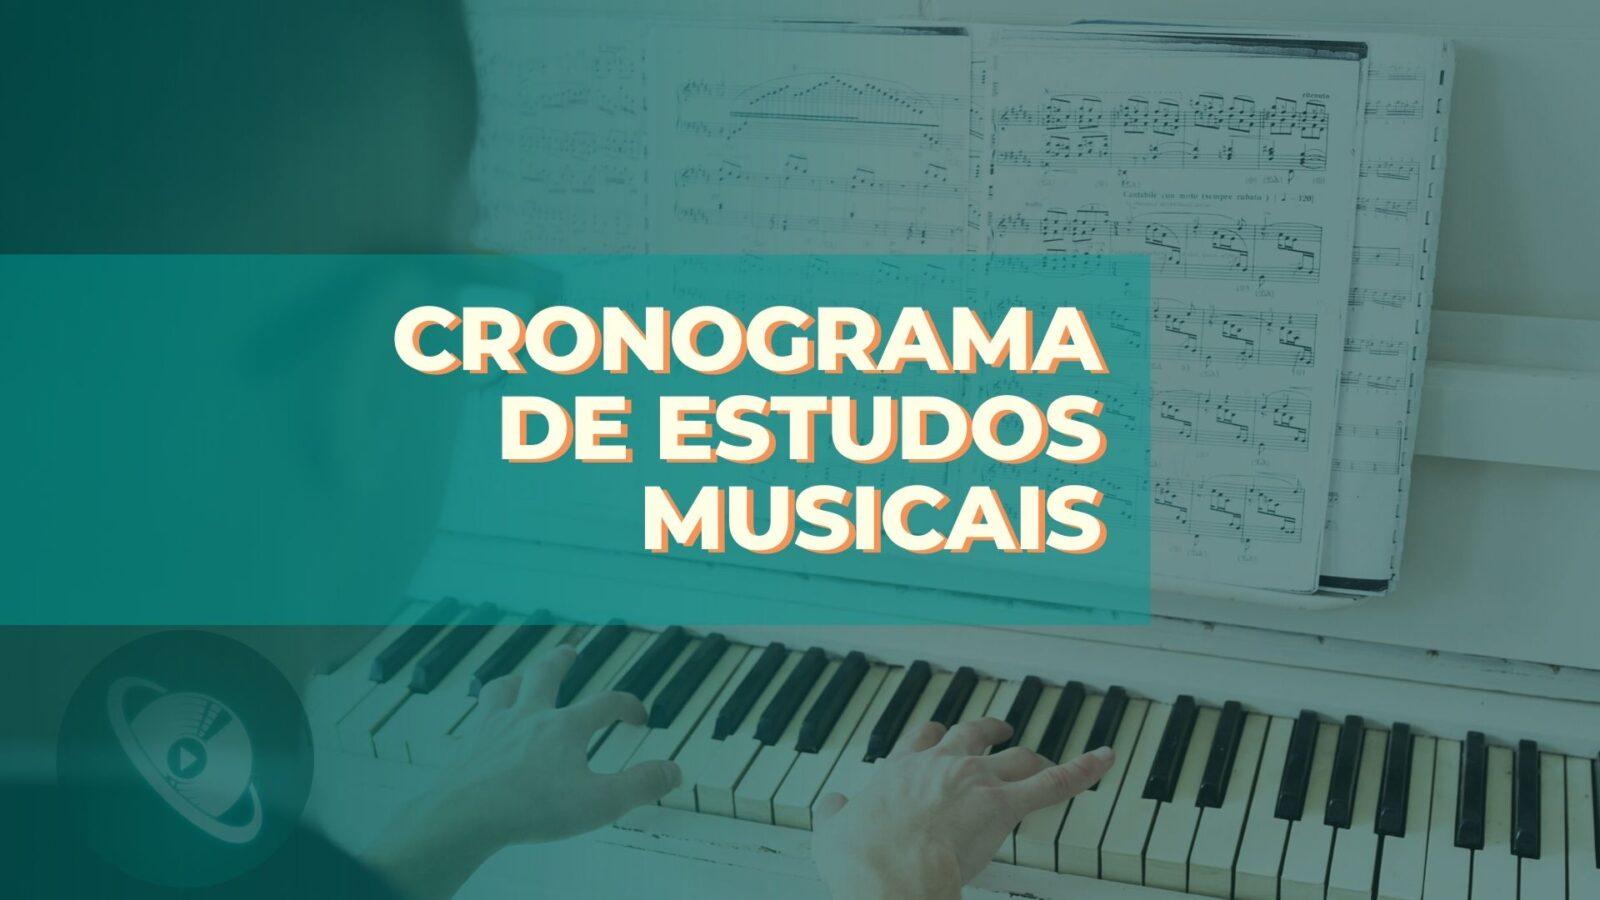 Cronograma de Estudos Musicais - Planeta Música